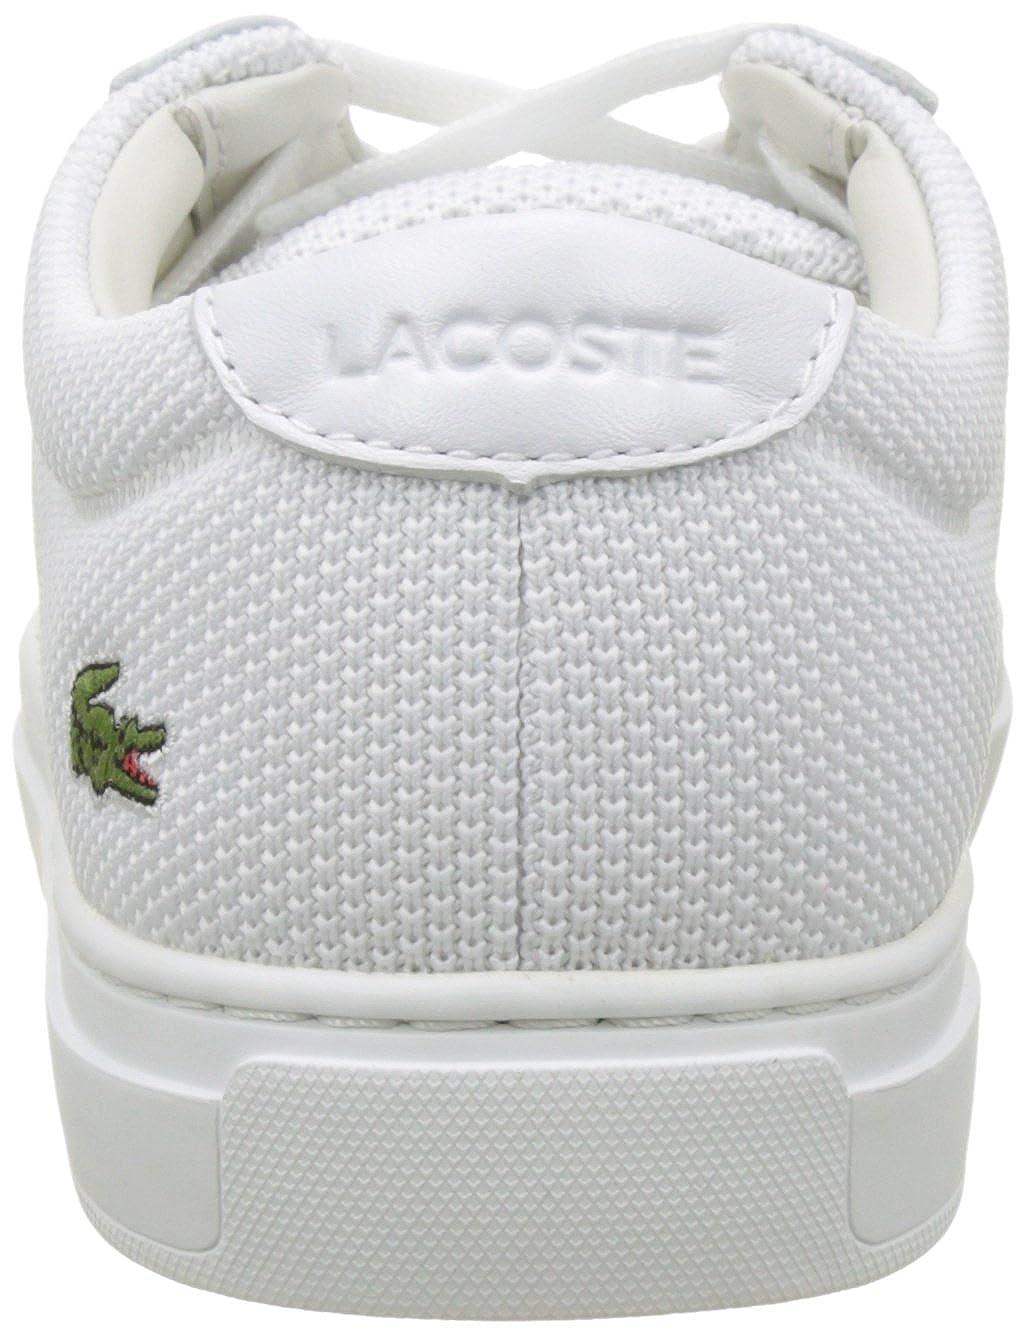 Lacoste Trainer Damen L.12.12 Bl 2 Trainer Lacoste Low Weiß (Wht) 89d35b